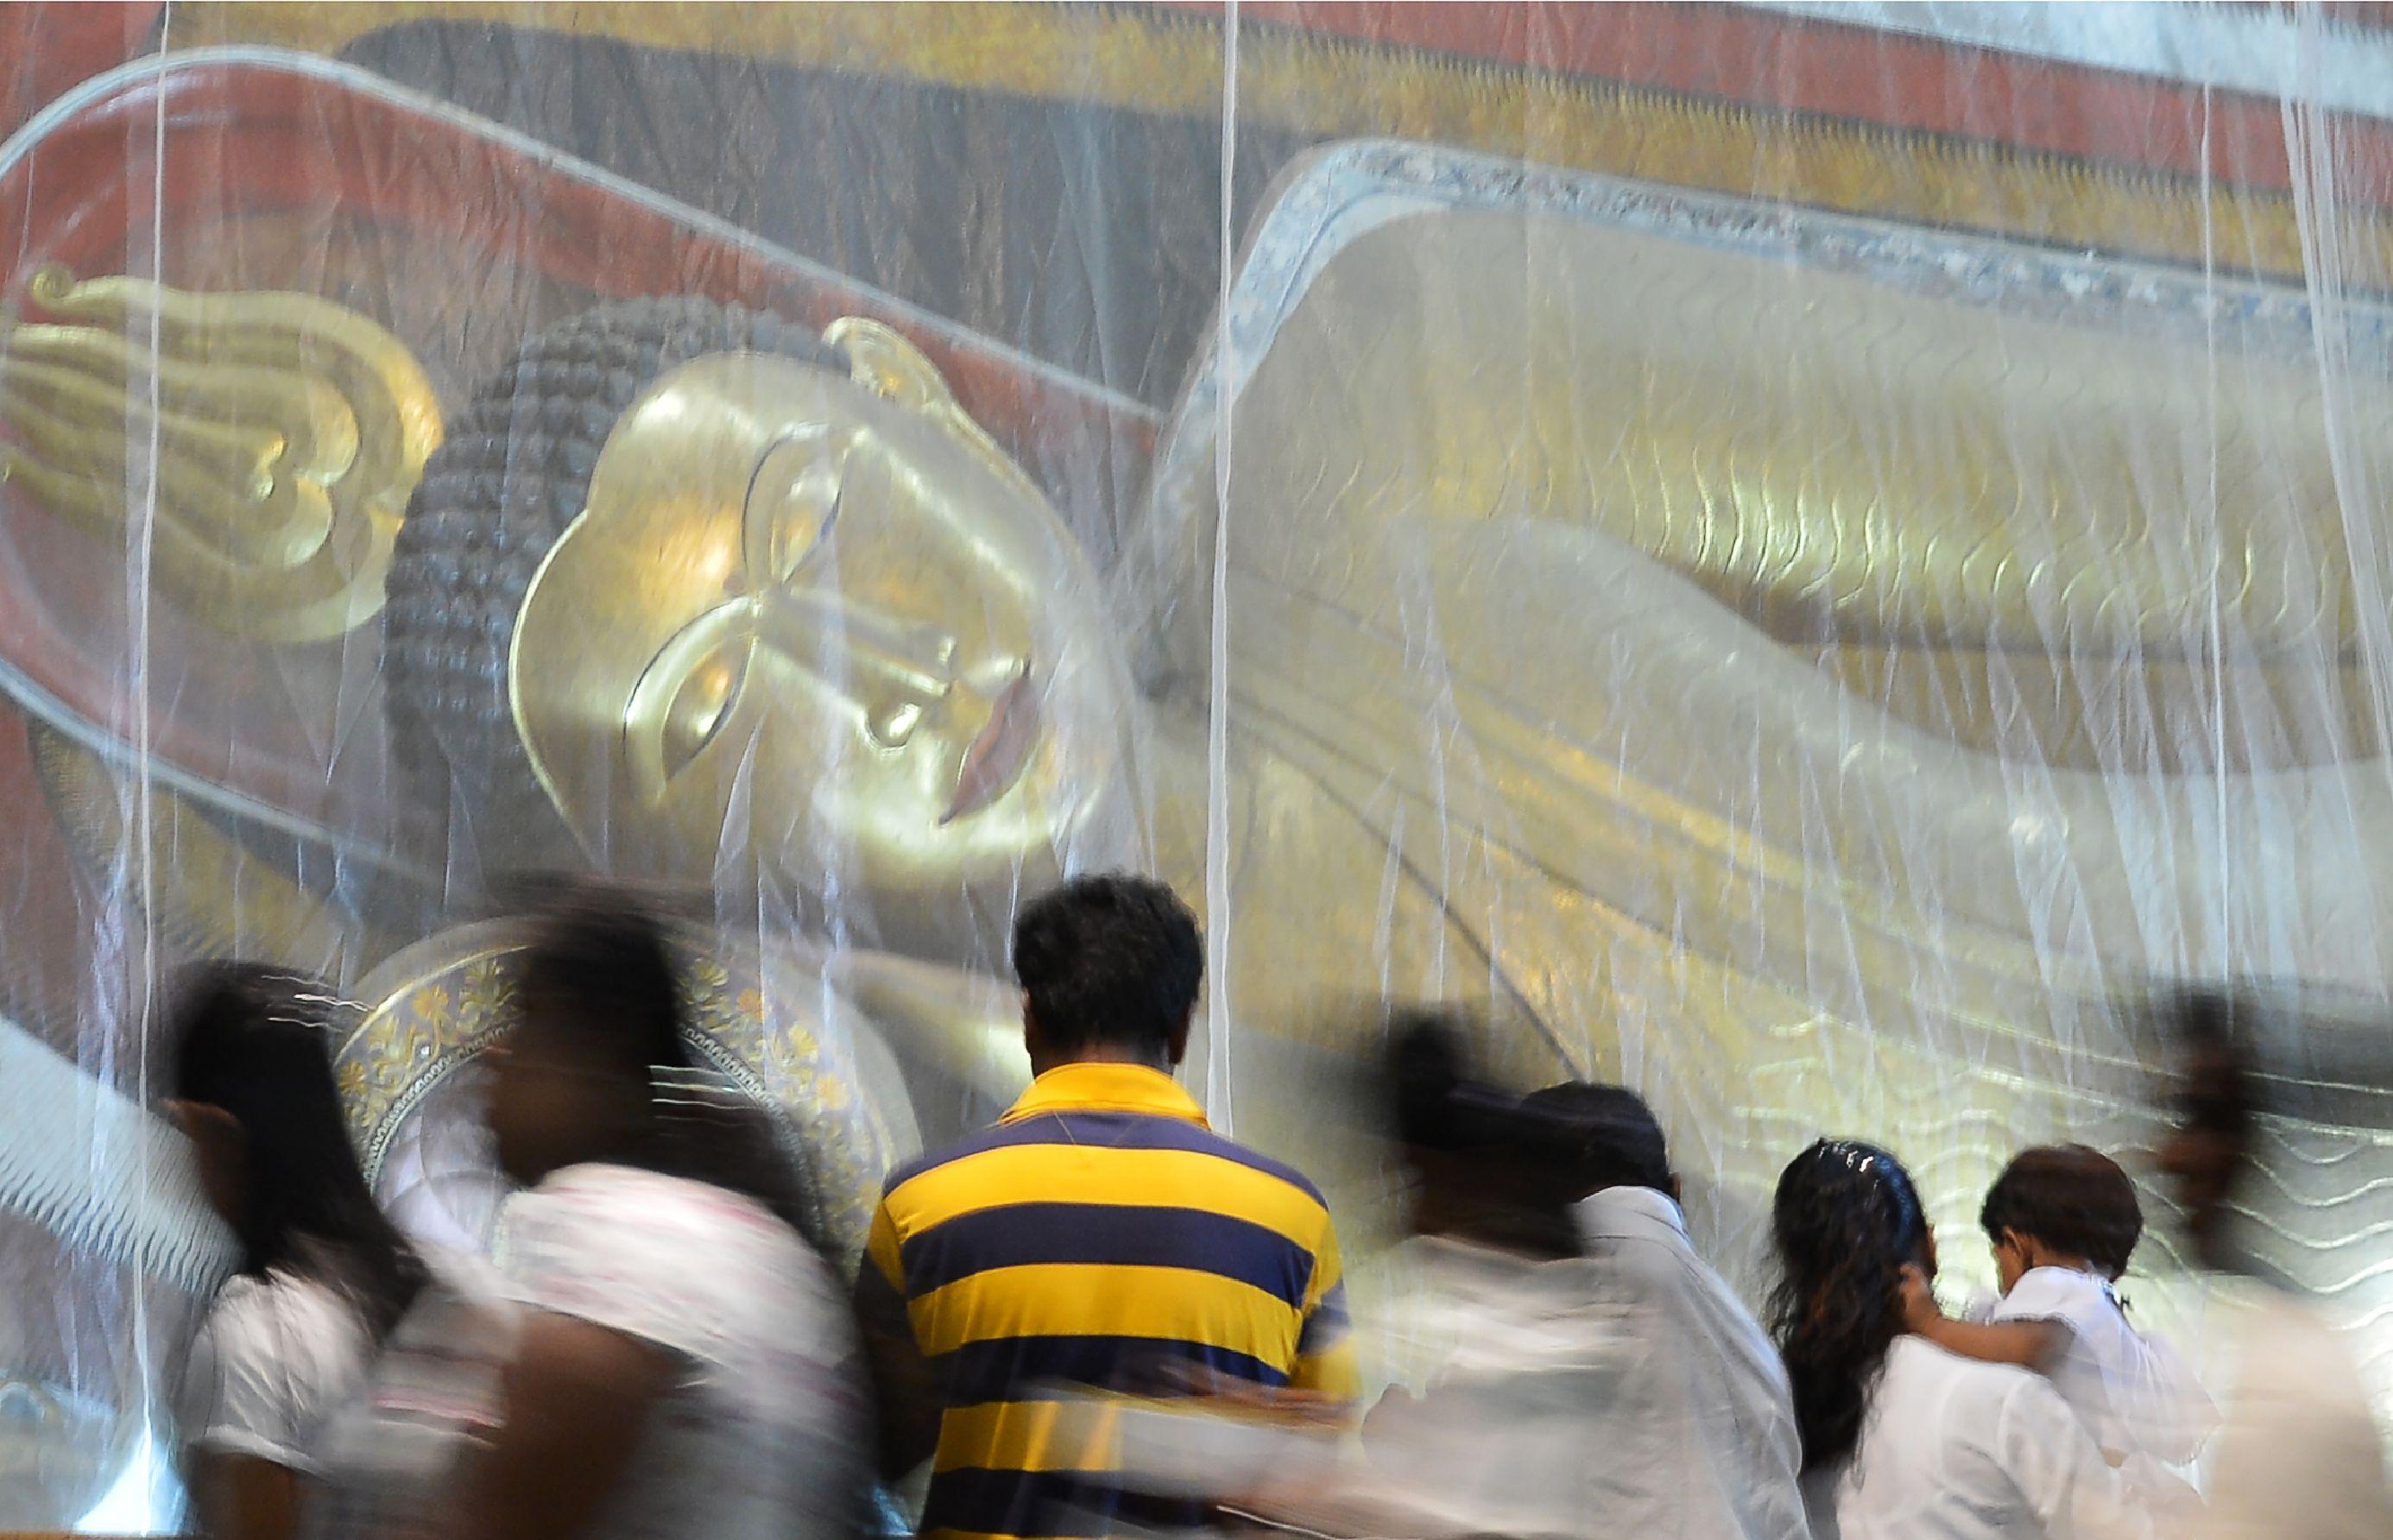 صلوات داخل معبد بوذى فى سريلانكا